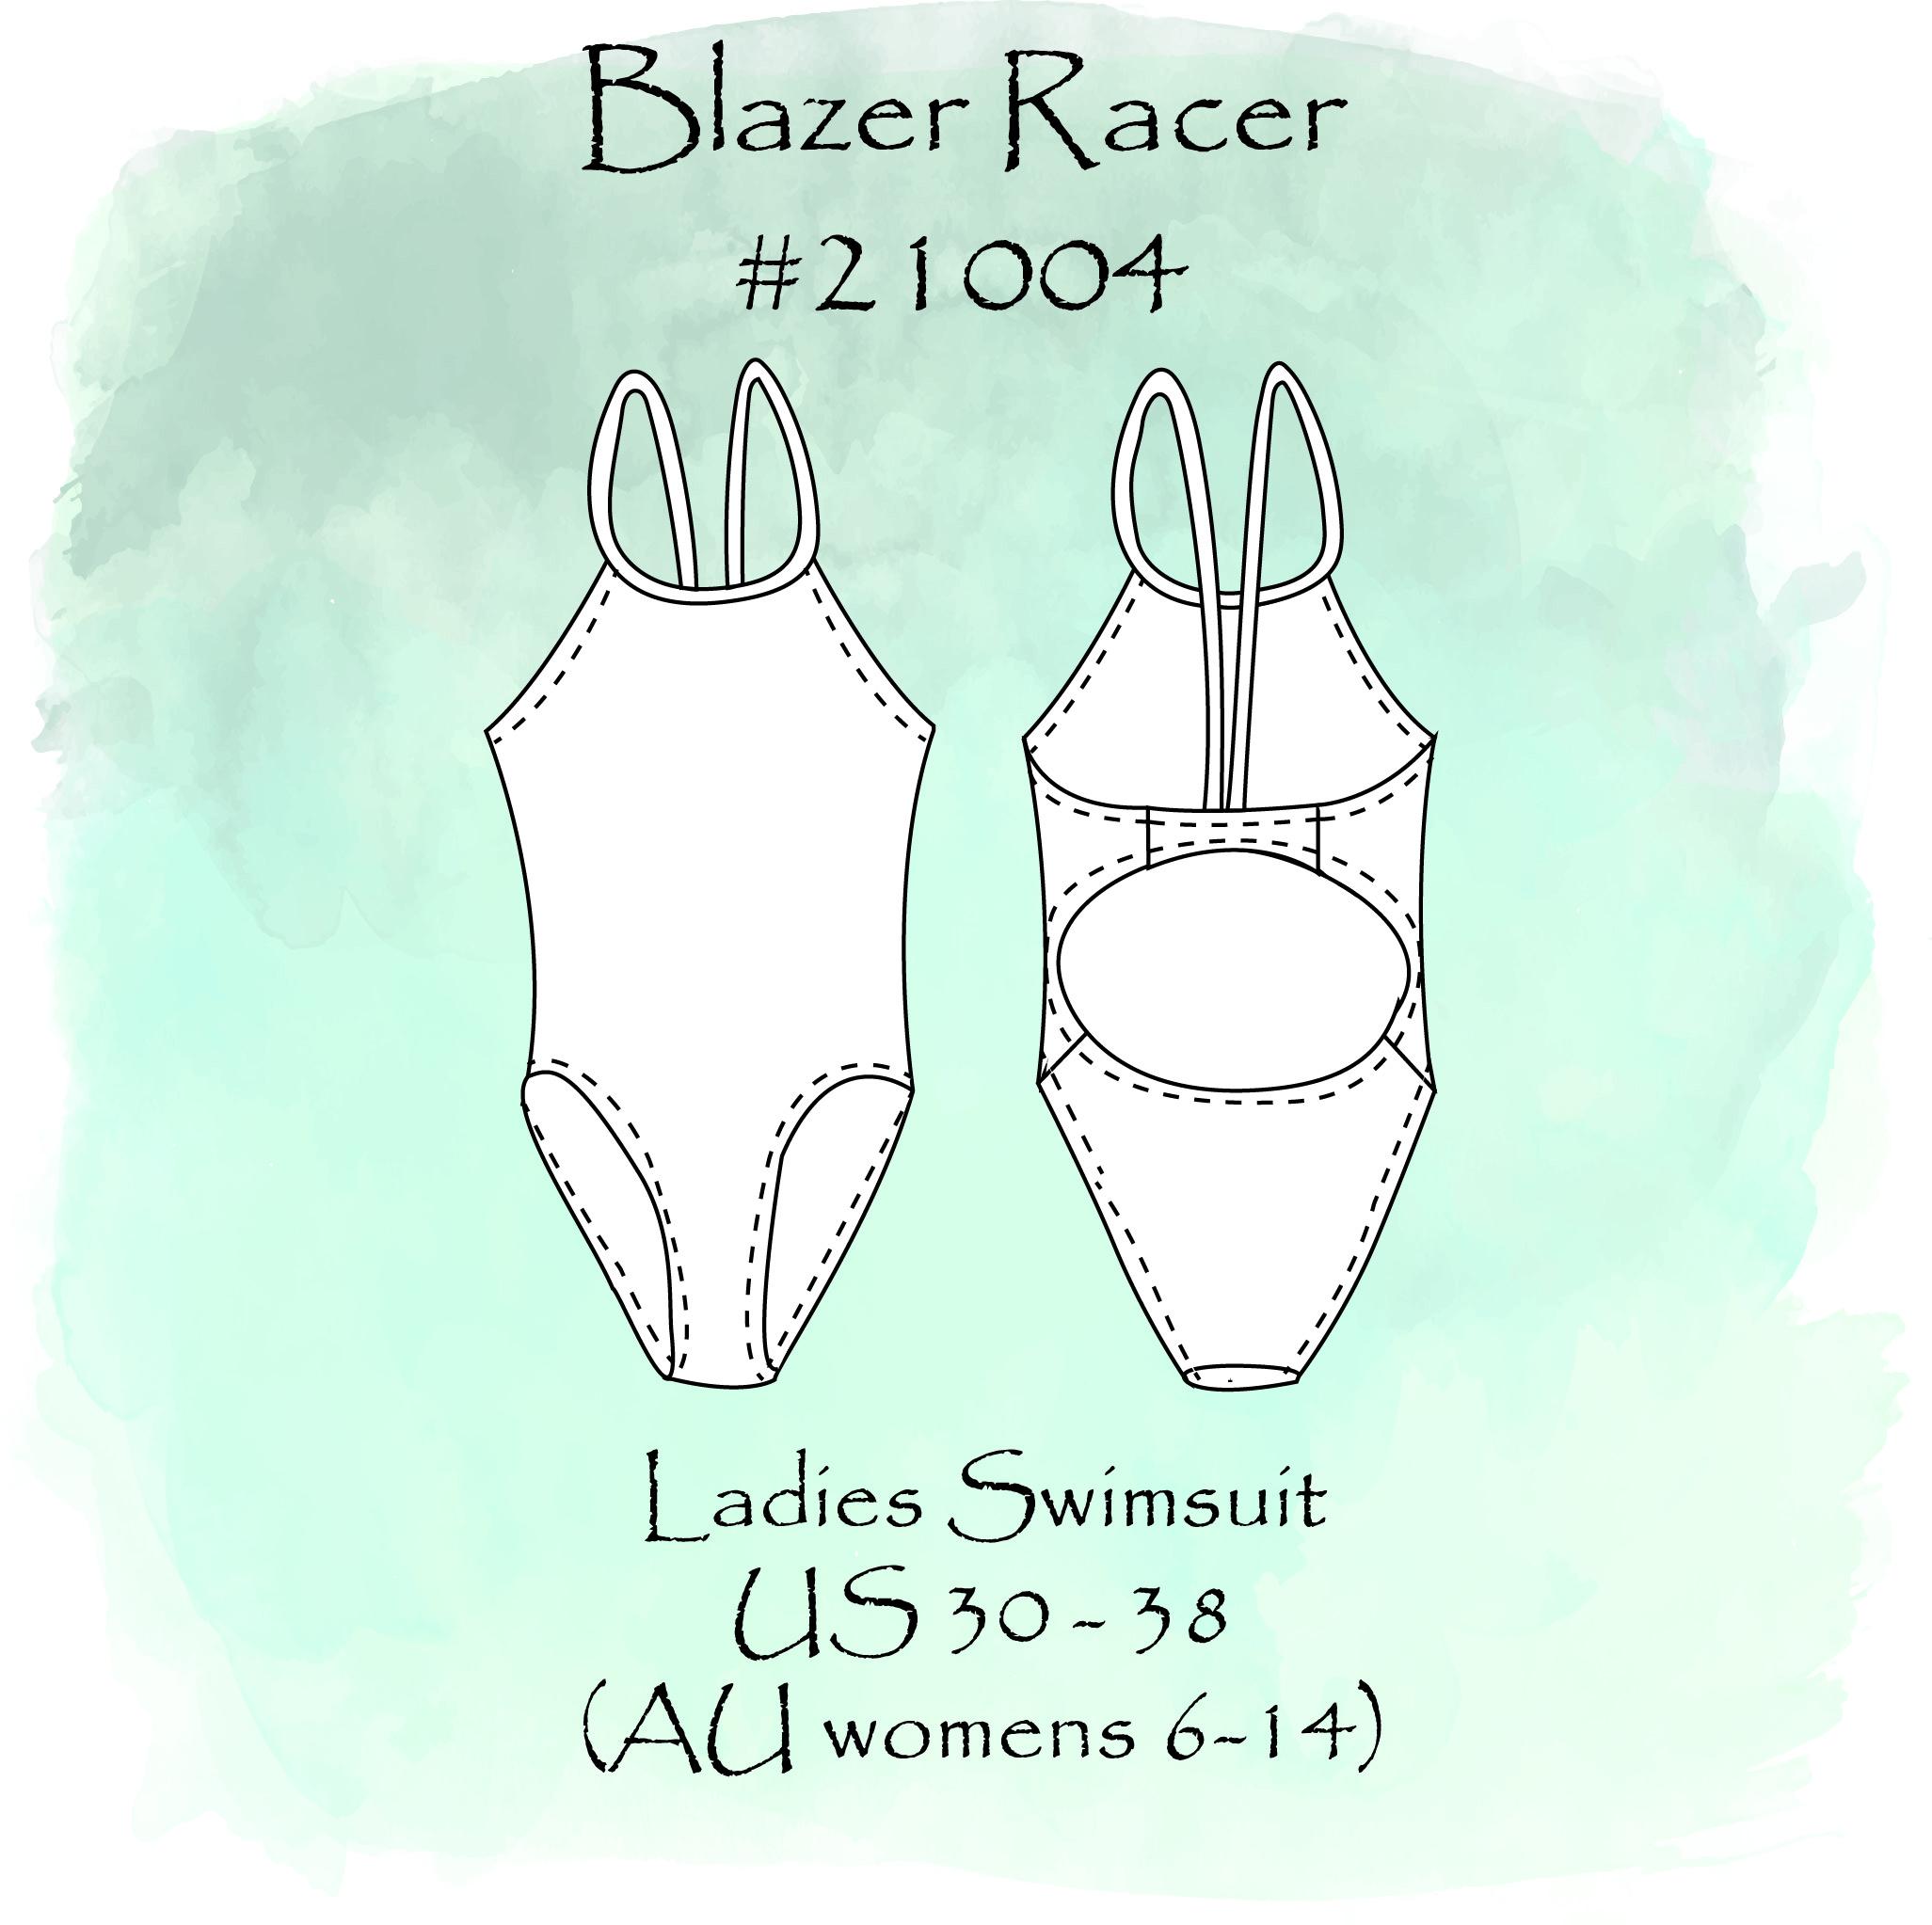 Blazer Racer